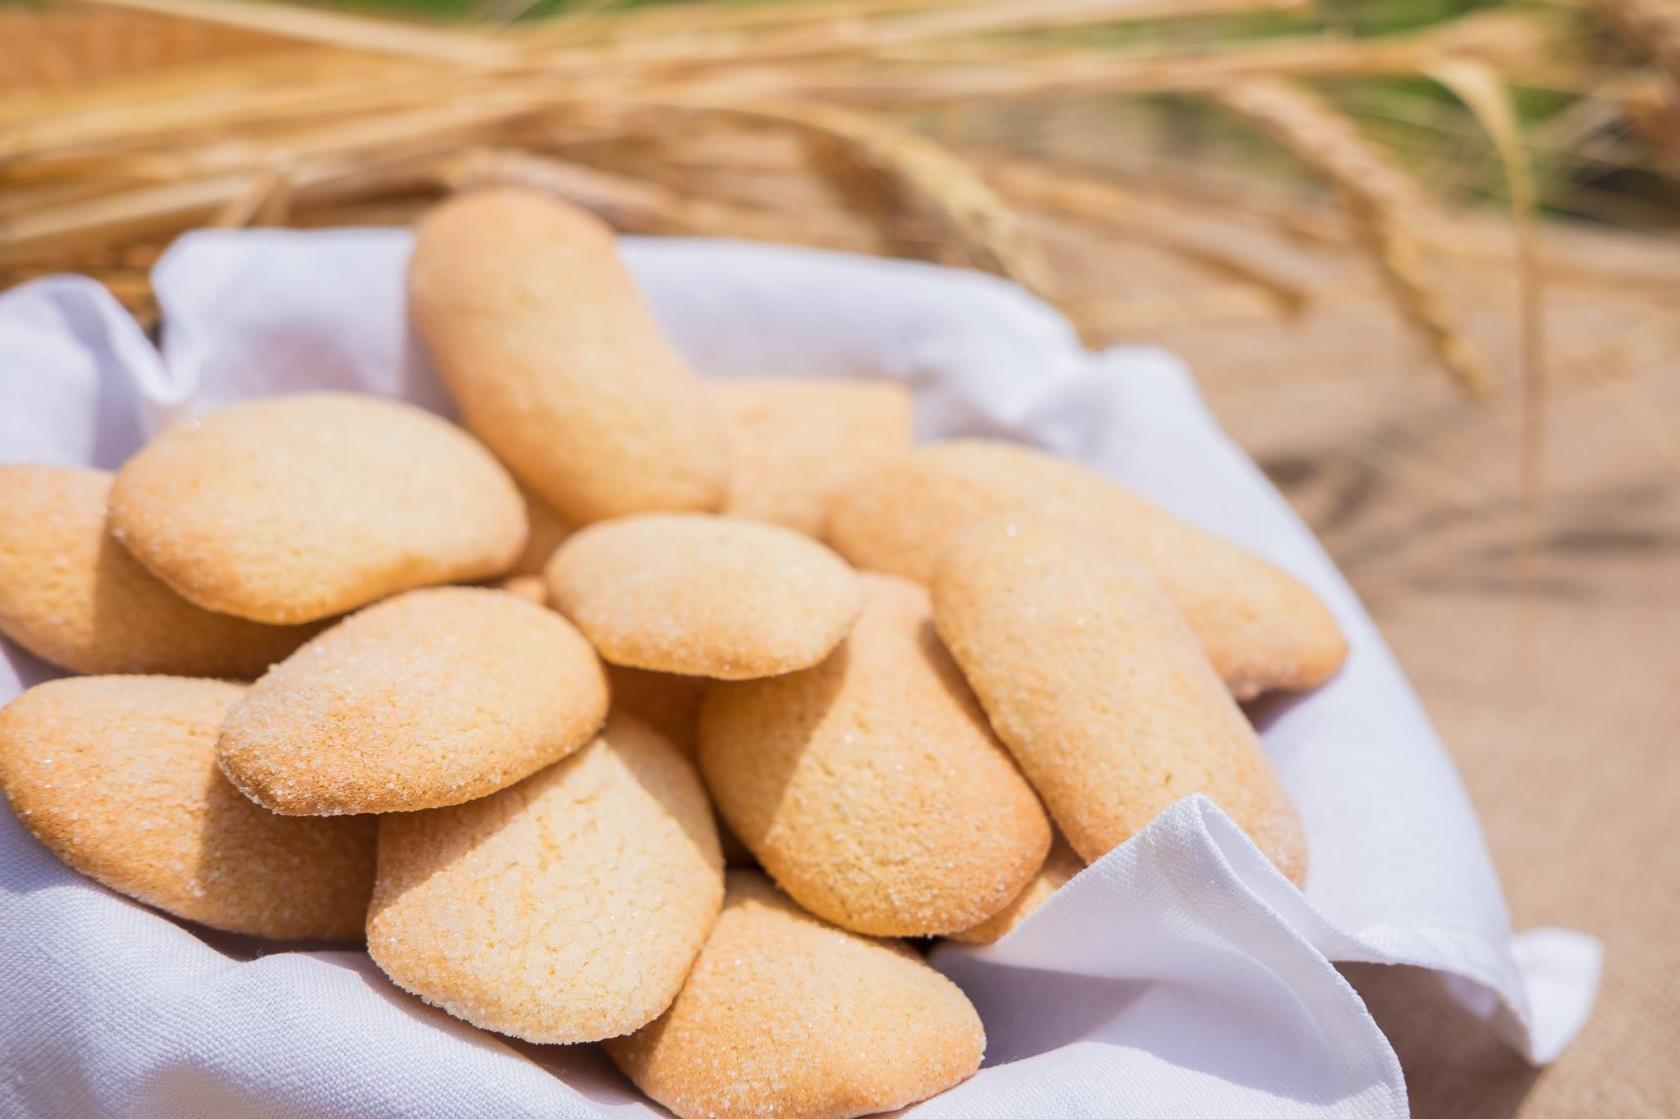 Altre specialità ai grani antichi di Sicilia-Noto